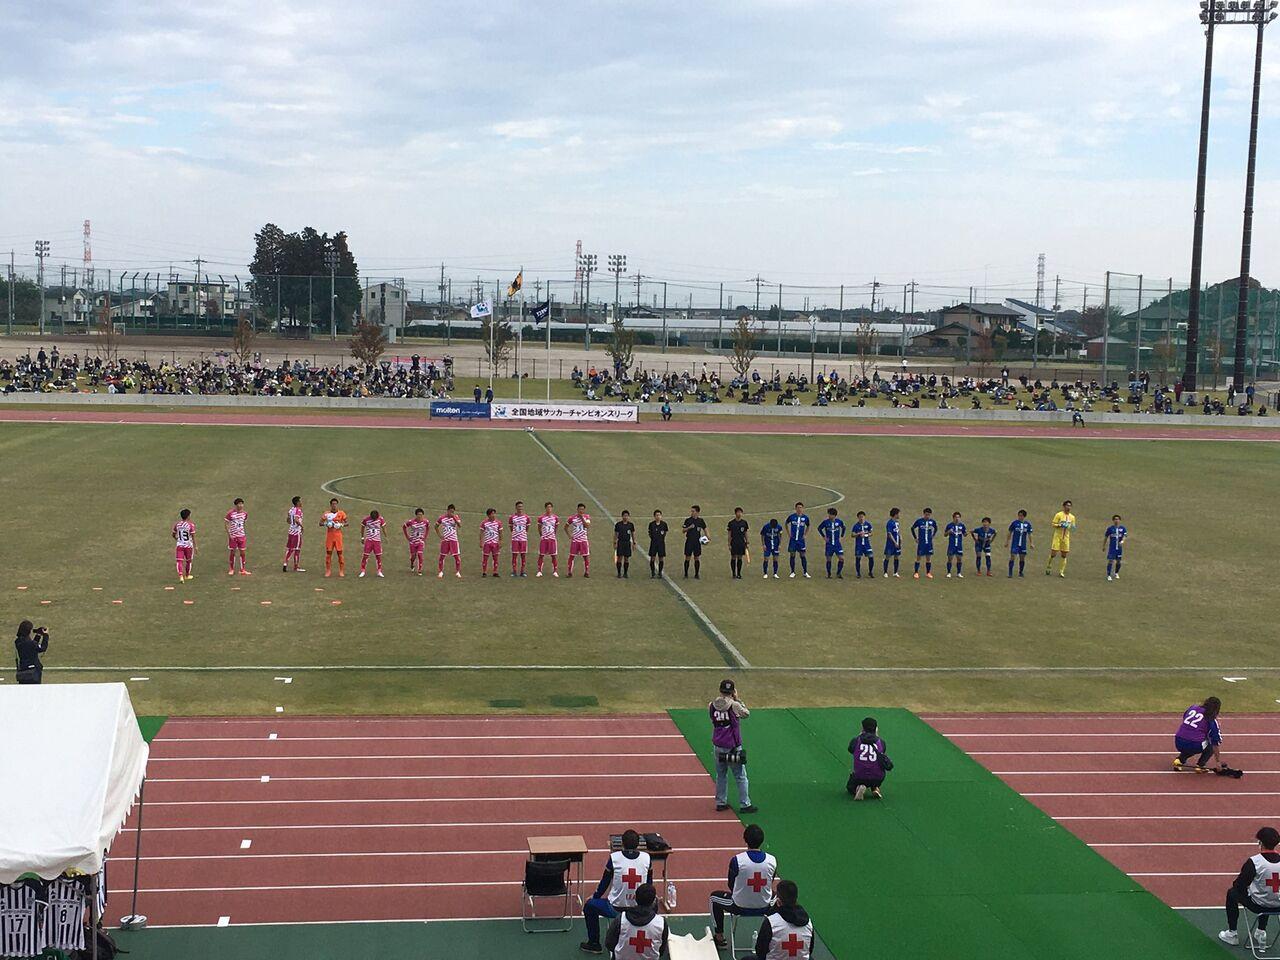 全国地域サッカーチャンピオンズリーグ2020 第2日 : ~ ちひろぐぅ ~